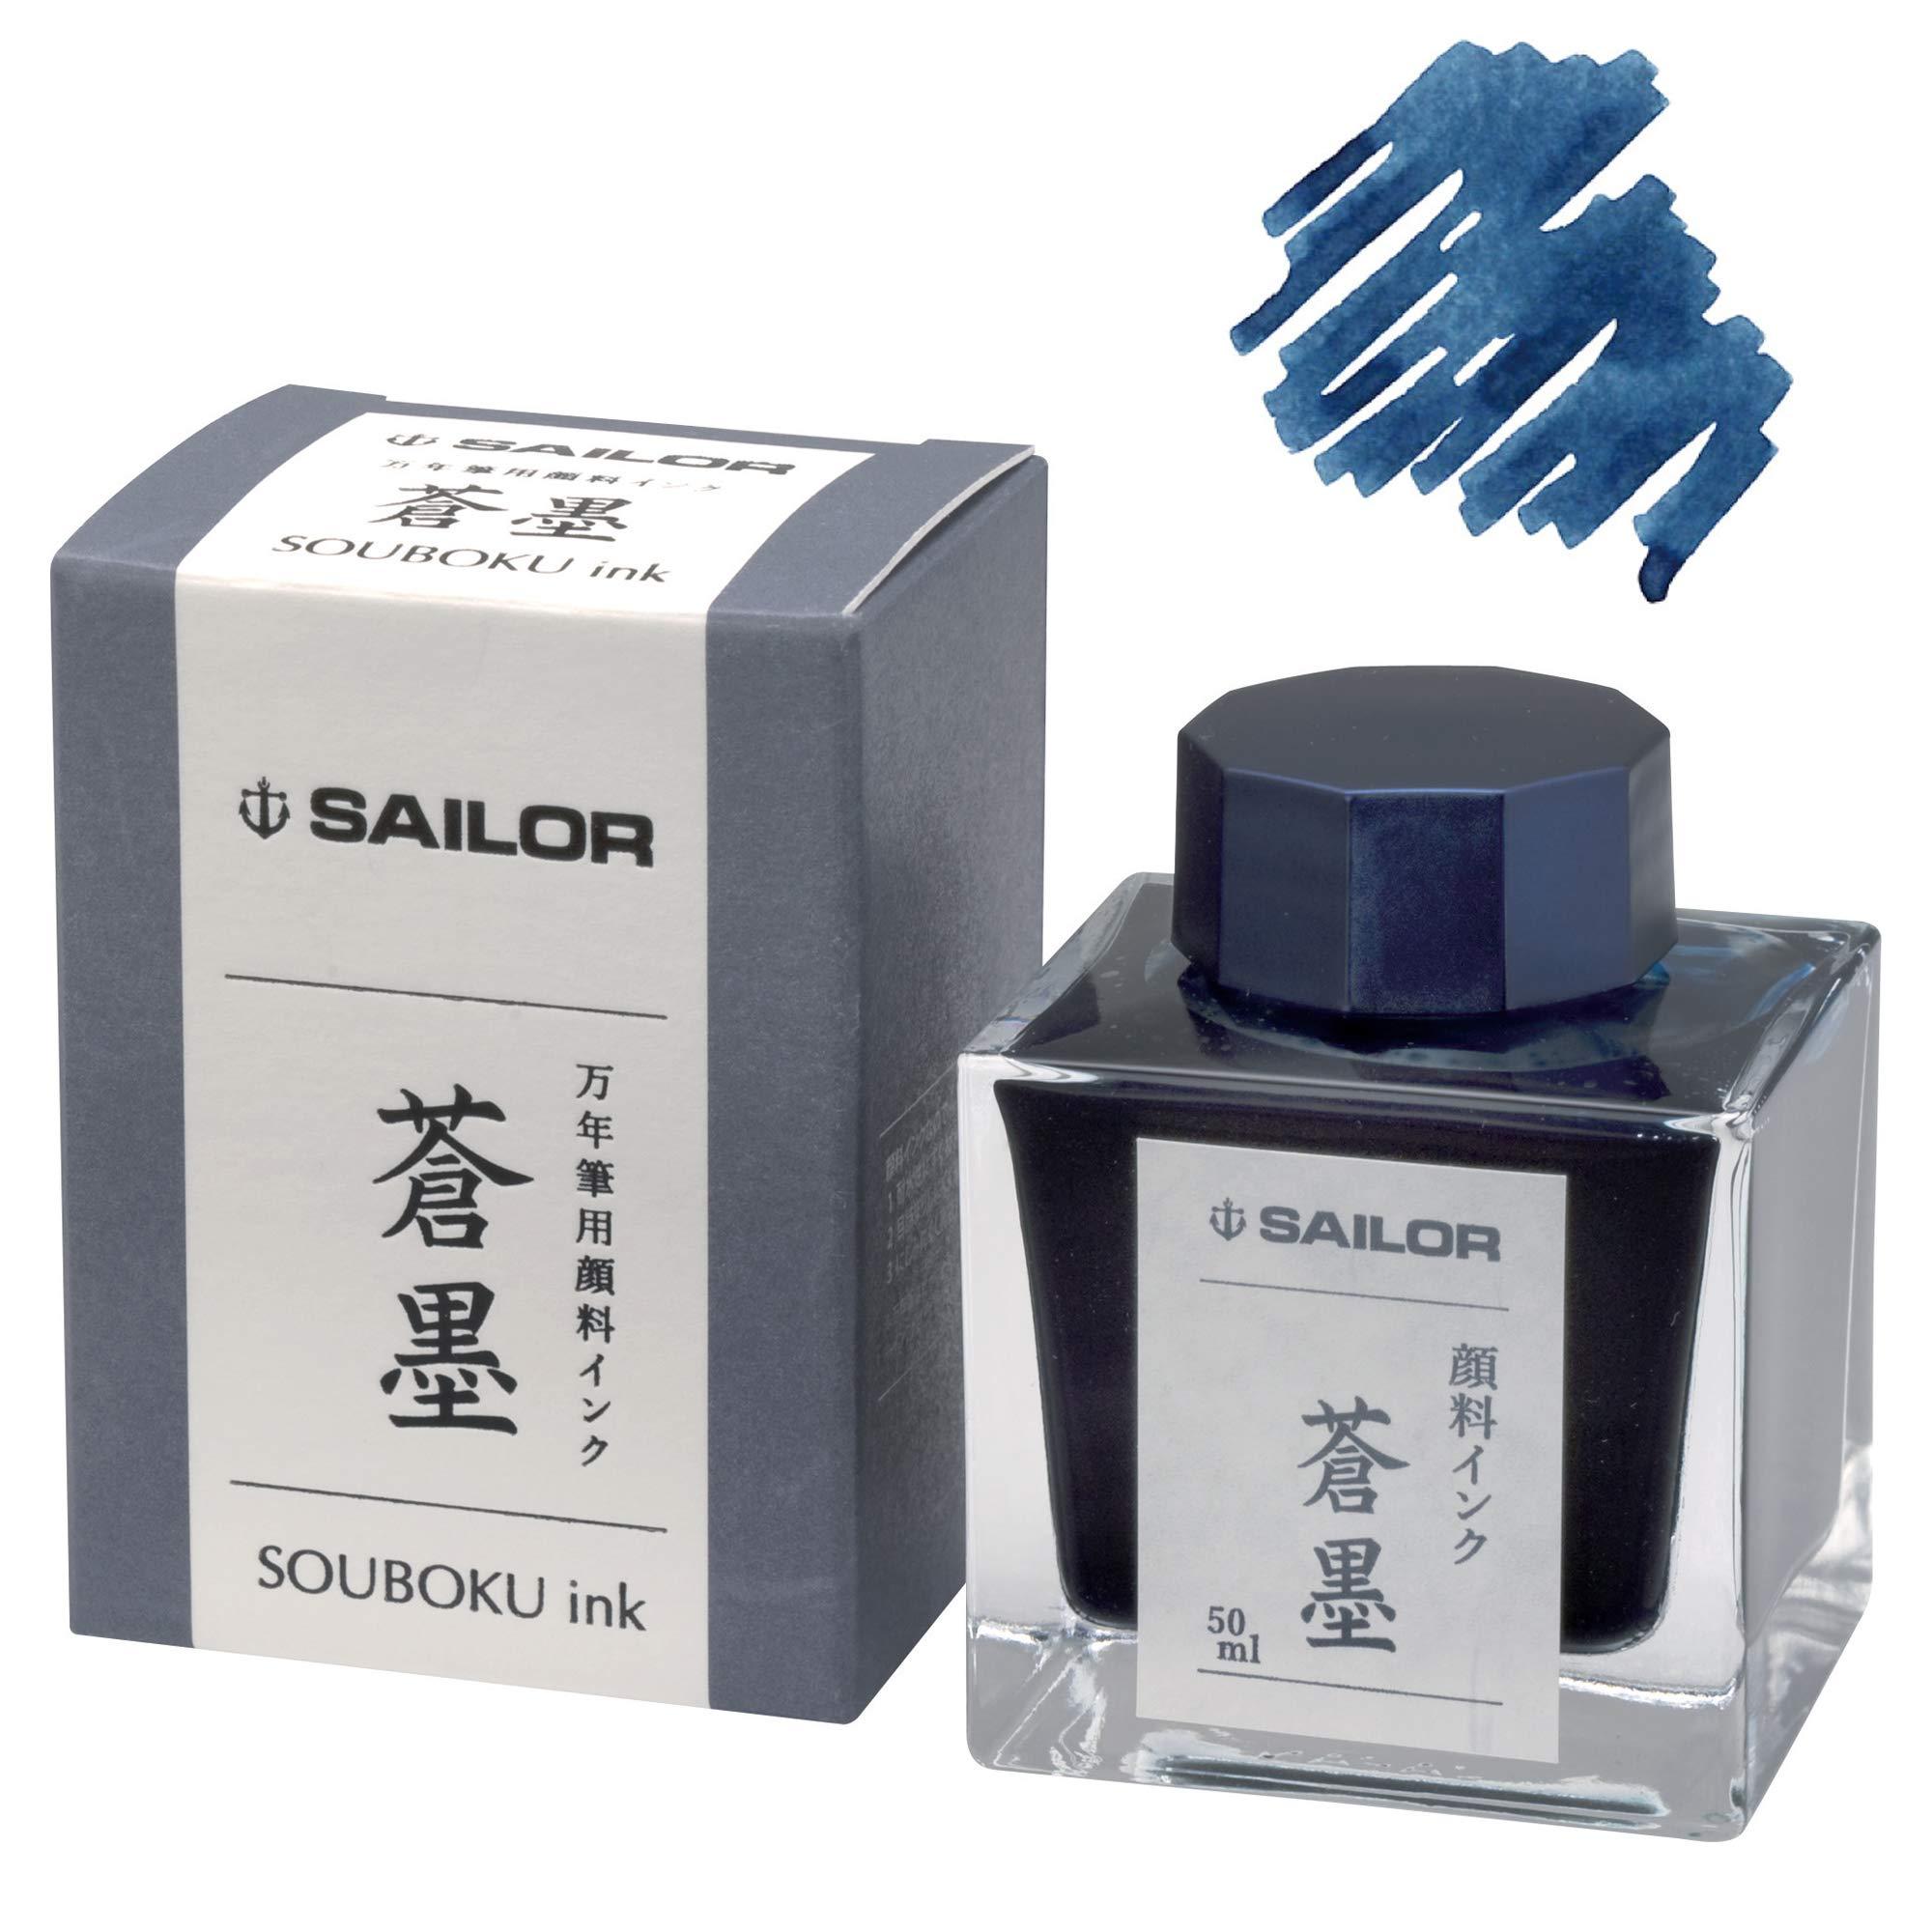 Sailor 50ml Bottled Ink in Souboku Ultra Blue Pigmented